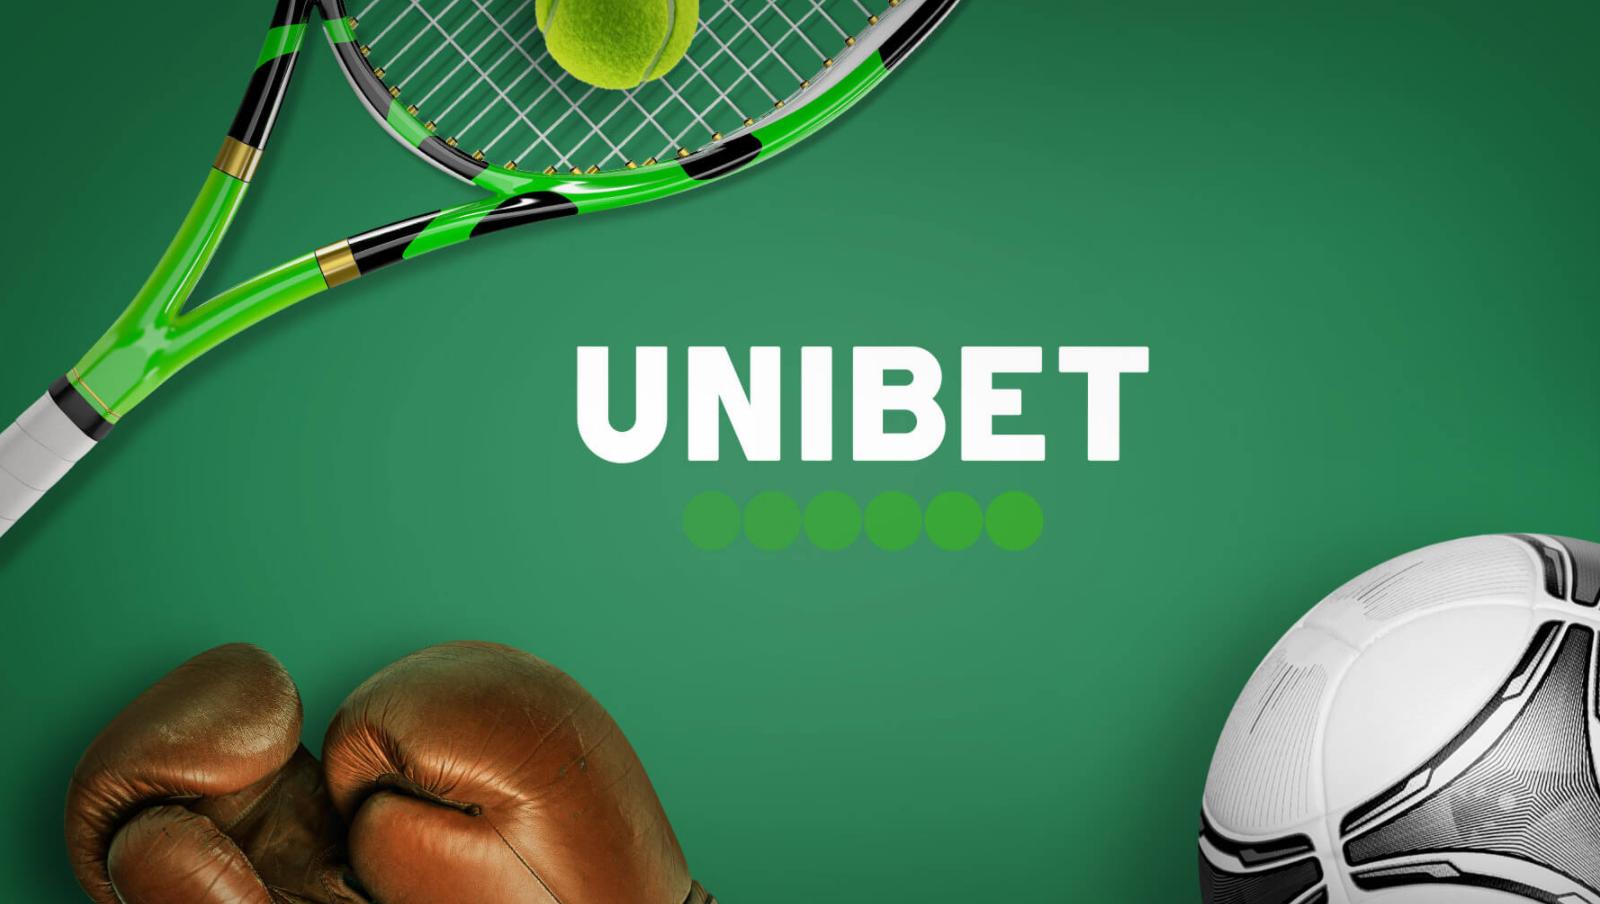 كيف تحصل عليه مكافأة التسجيل من الشركة Unibet